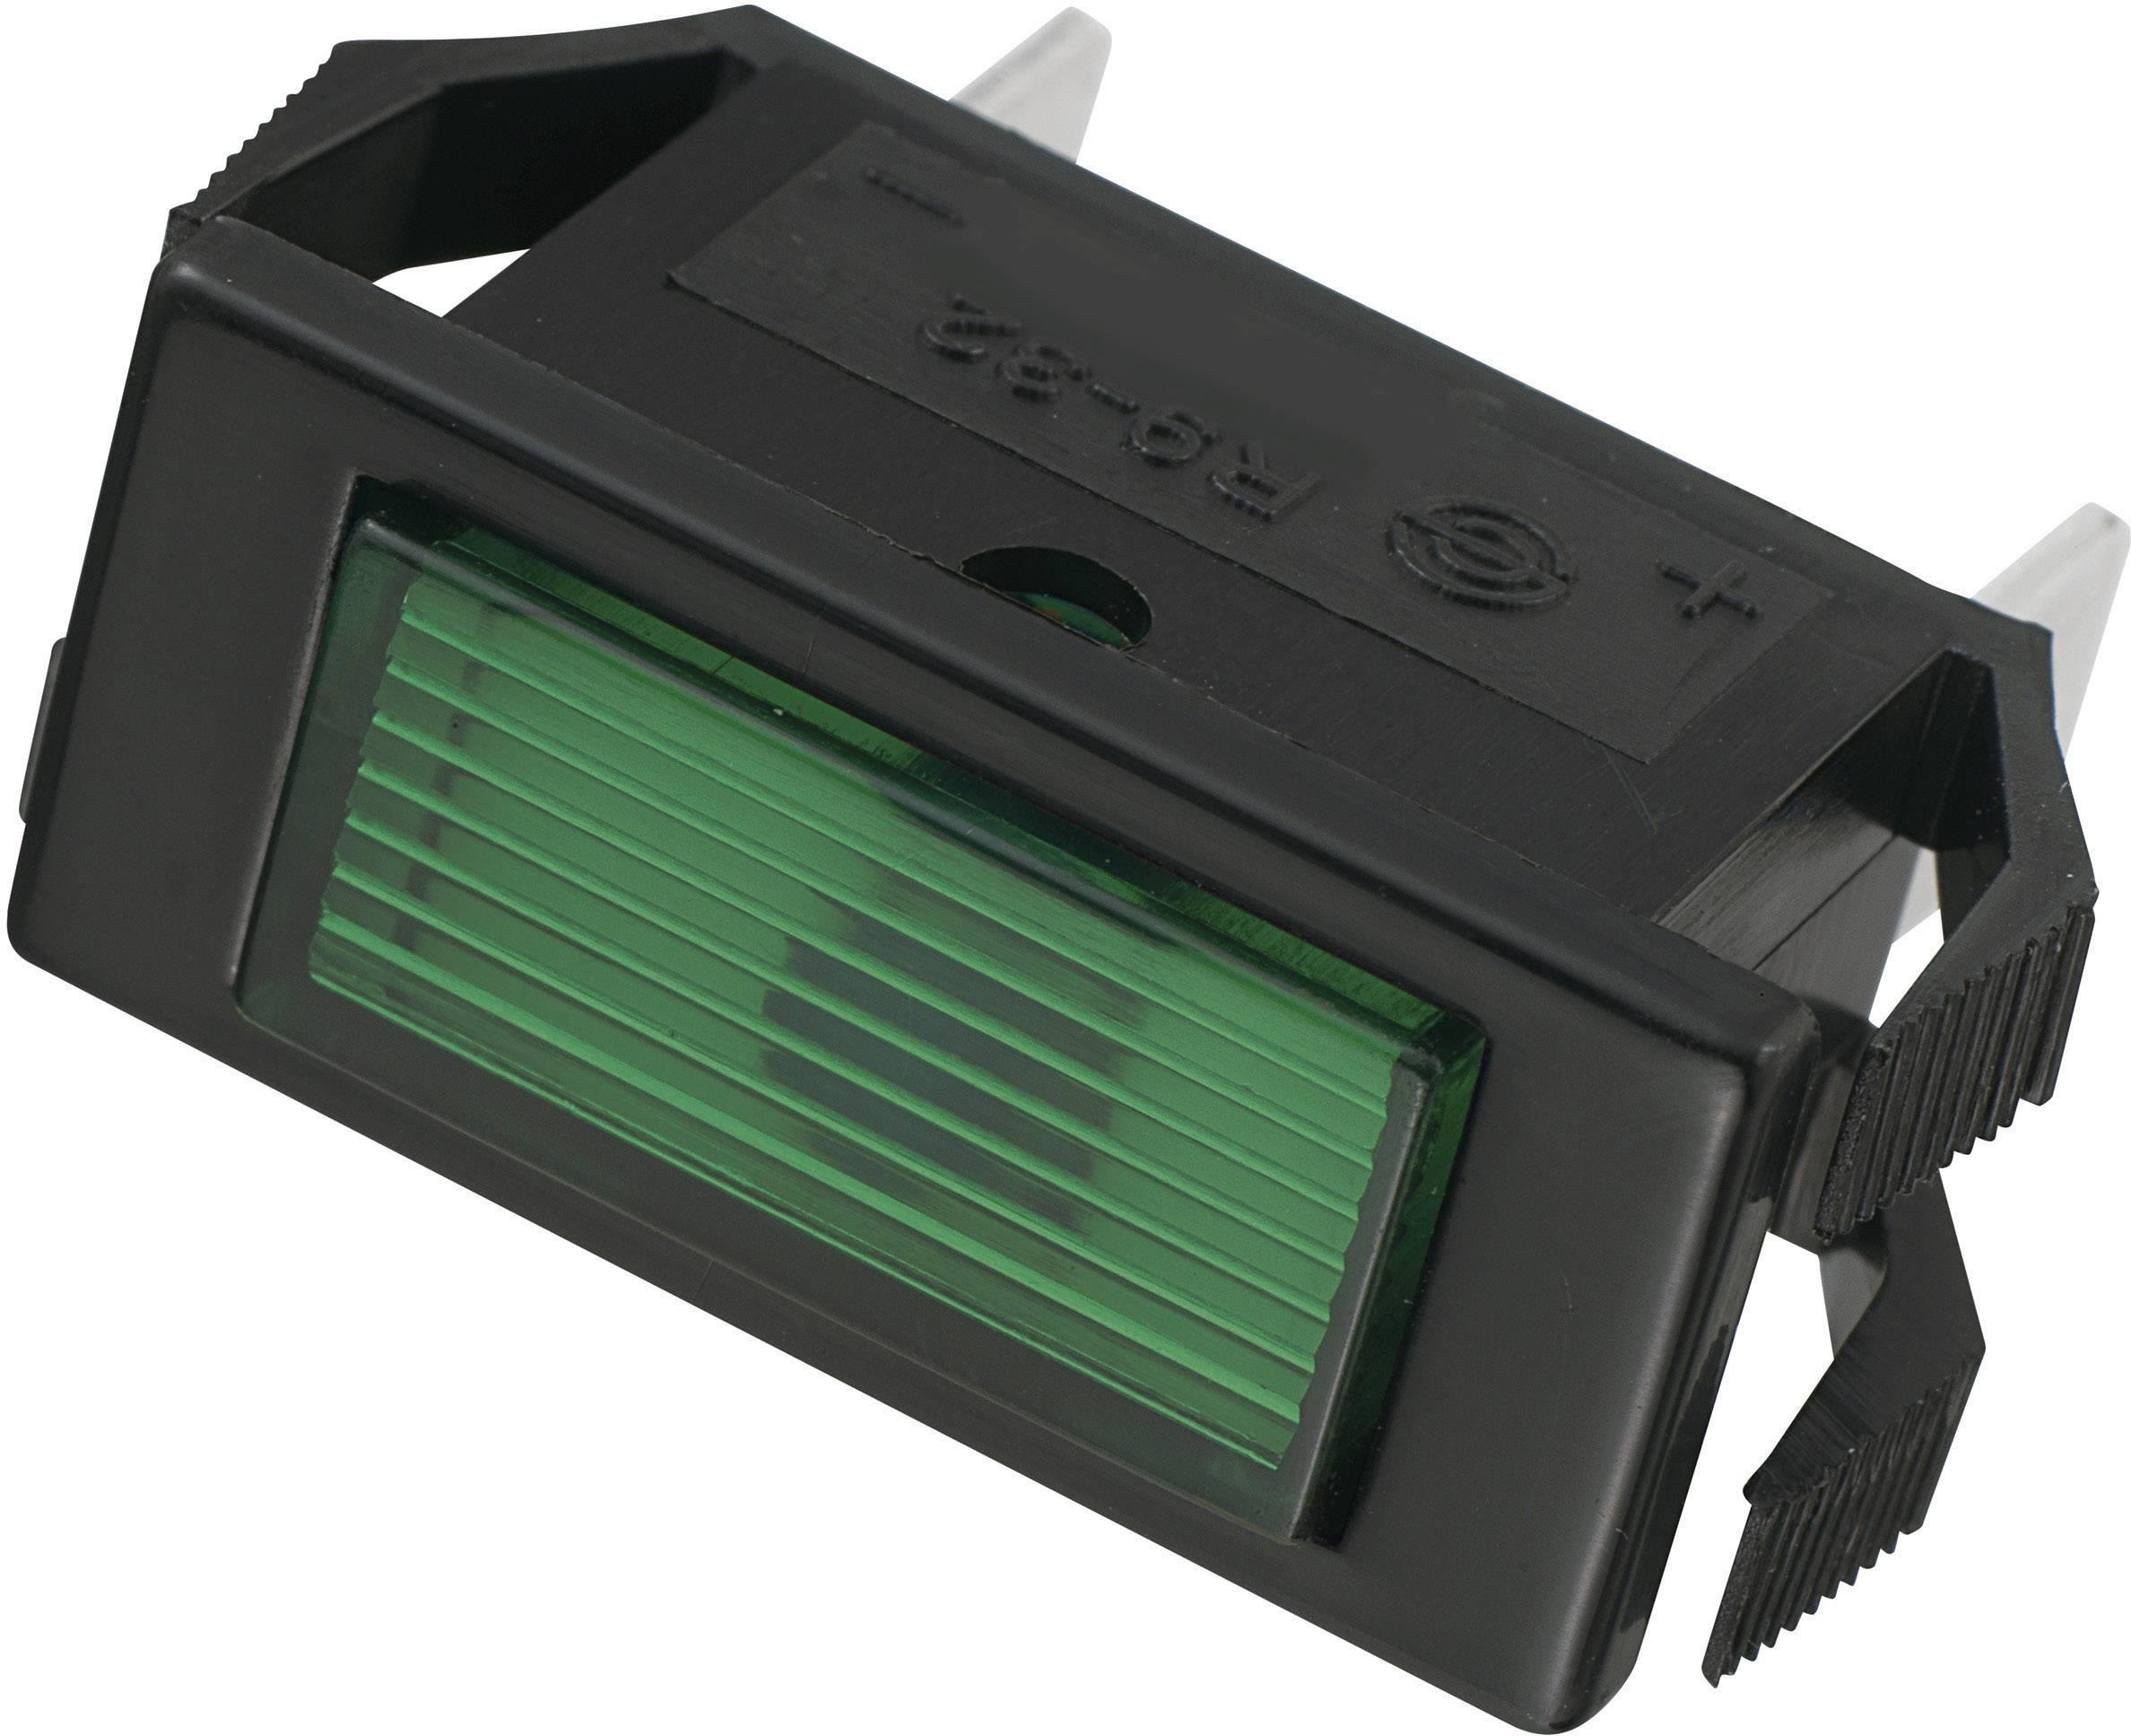 Signalizační světlo SCI, 24 V/DC, 23,9 mm, obdélníkové, zelené